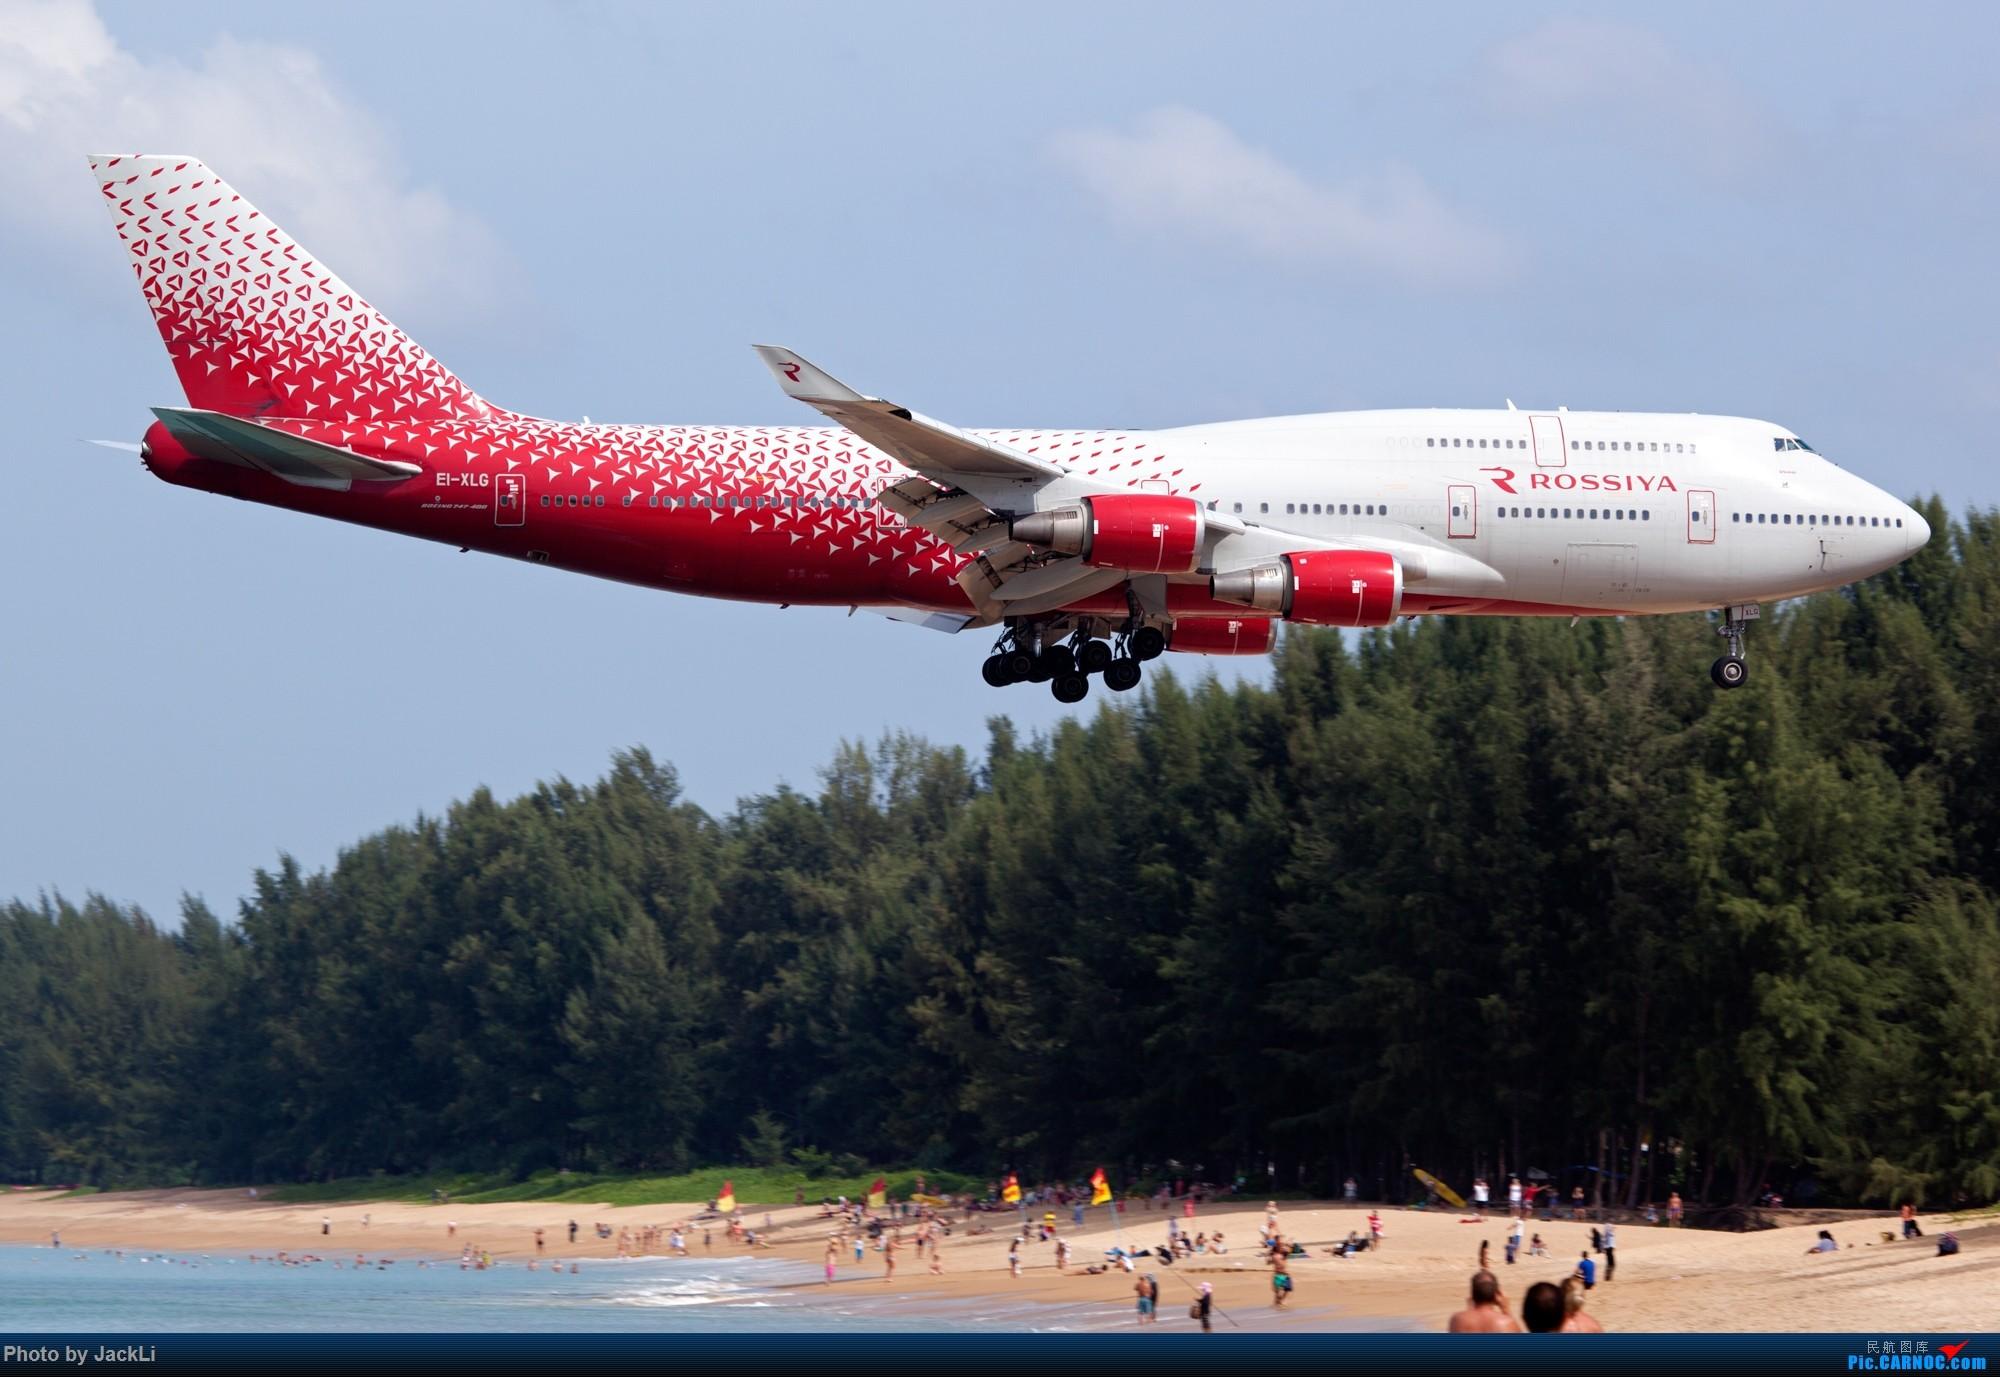 Re:[原创]【JackLi】亚洲圣马丁~普吉岛机场拍机 BOEING 747-400 EI-XLG 泰国普吉机场